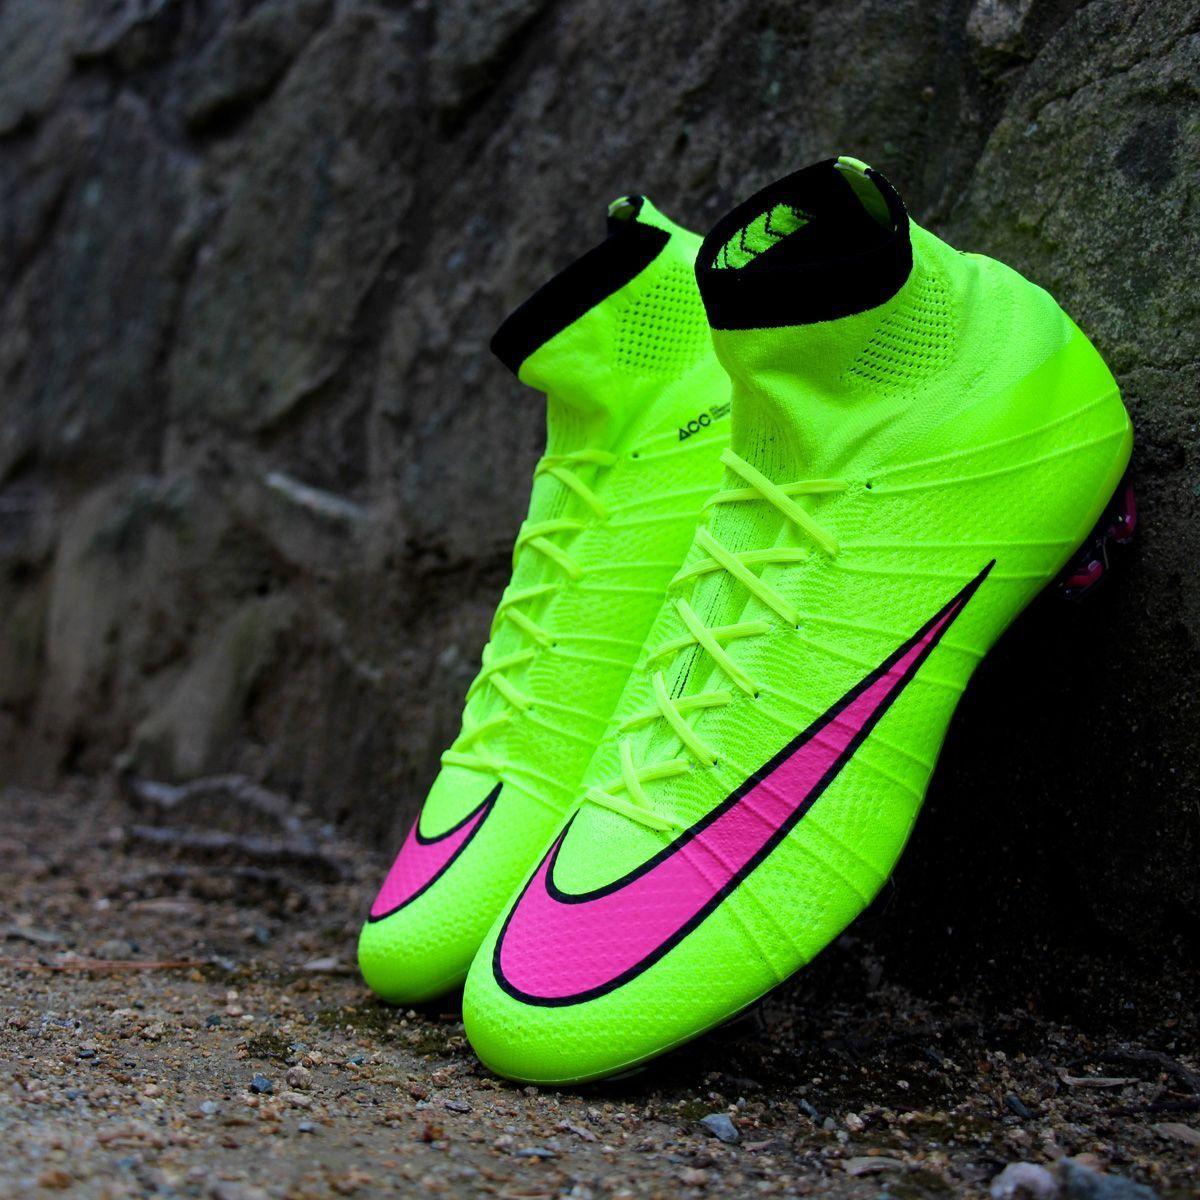 buy online 6498d cf0af Nike Botines, Zapatillas Nike, Zapatos De Fútbol, Calzado Nike, Uniformes De  Futbol